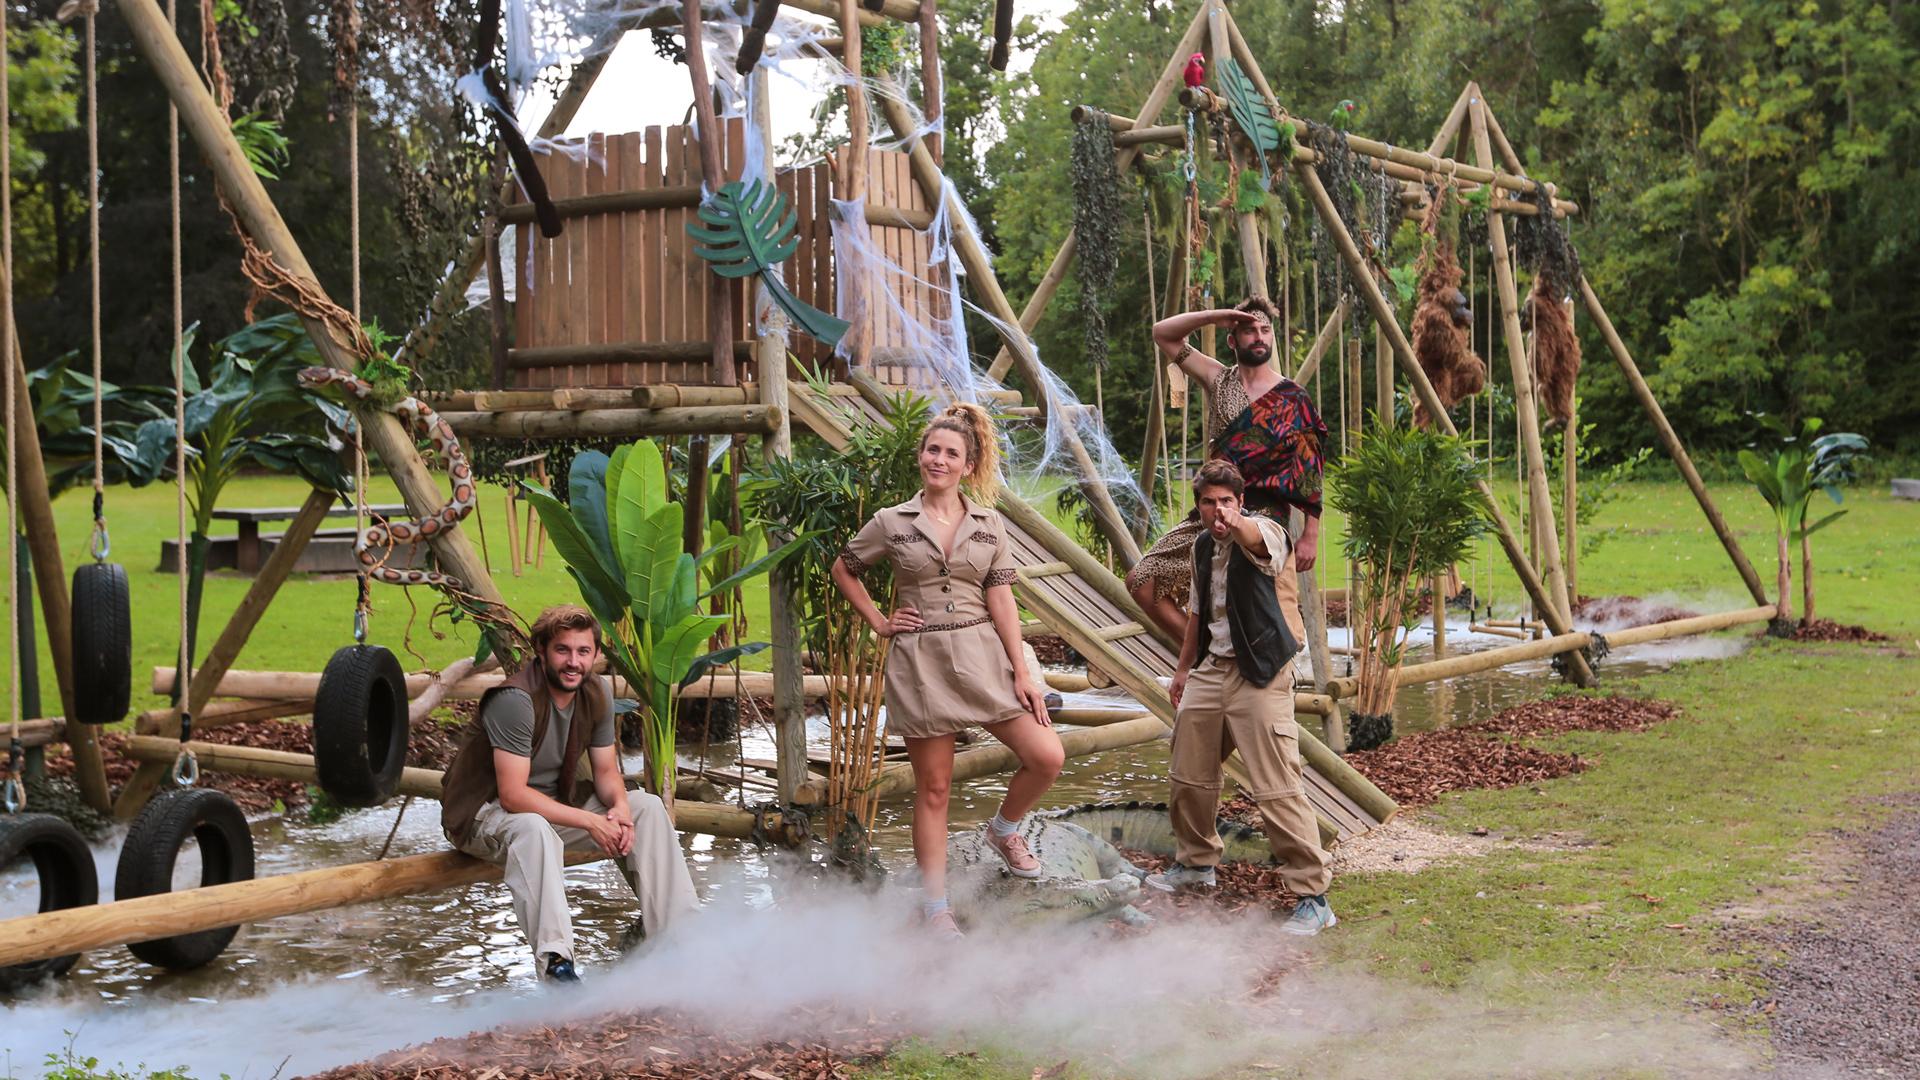 Bezoek het jungleparcours in Ternat